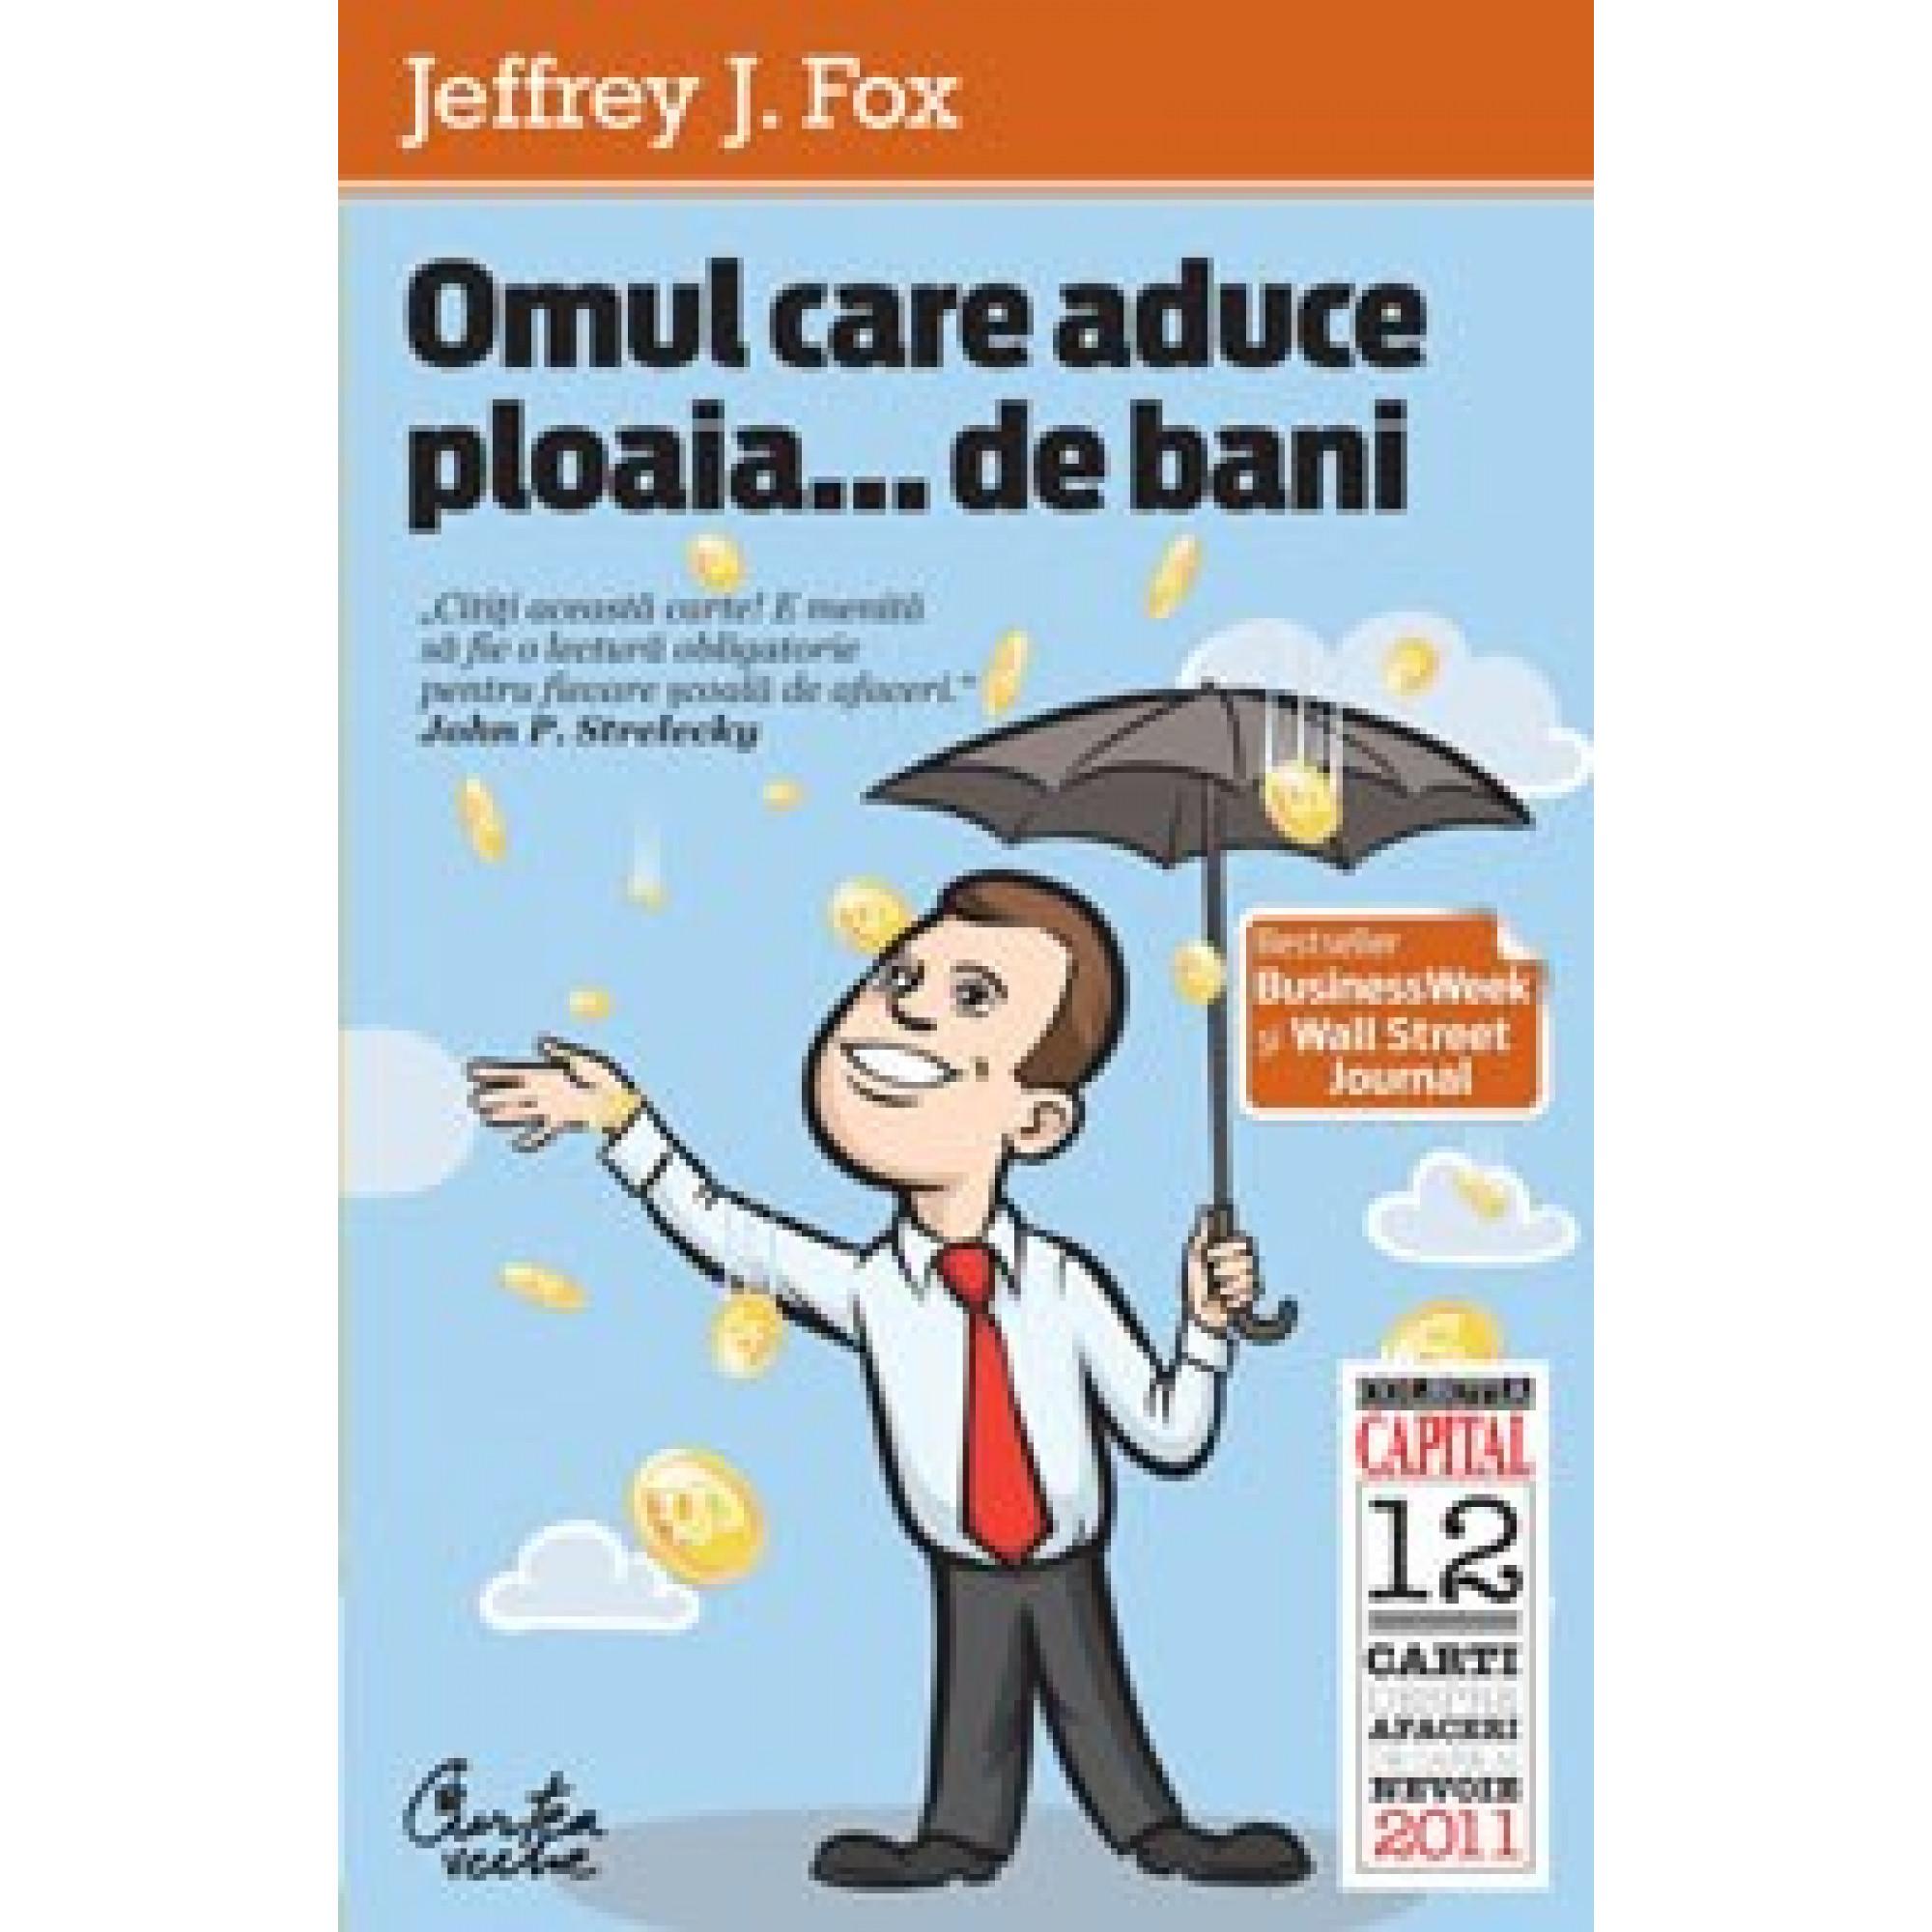 Omul care aduce ploaia...de bani (ediţia Capital); Jeffrey J.Fox